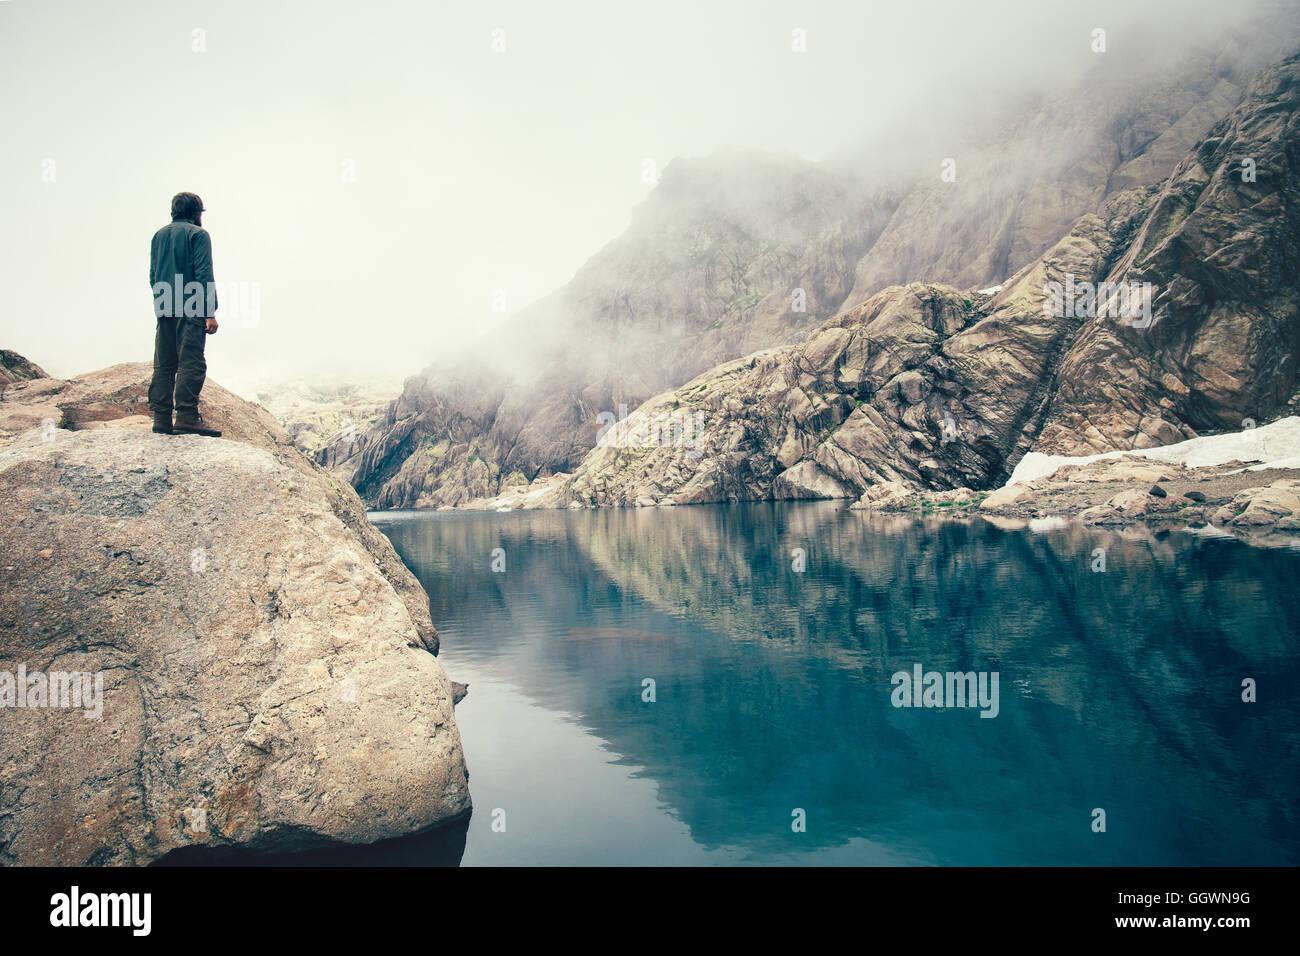 Hombre de pie solo viajero acantilado de piedra sobre el lago y las montañas nubladas sobre antecedentes de viajesFoto de stock